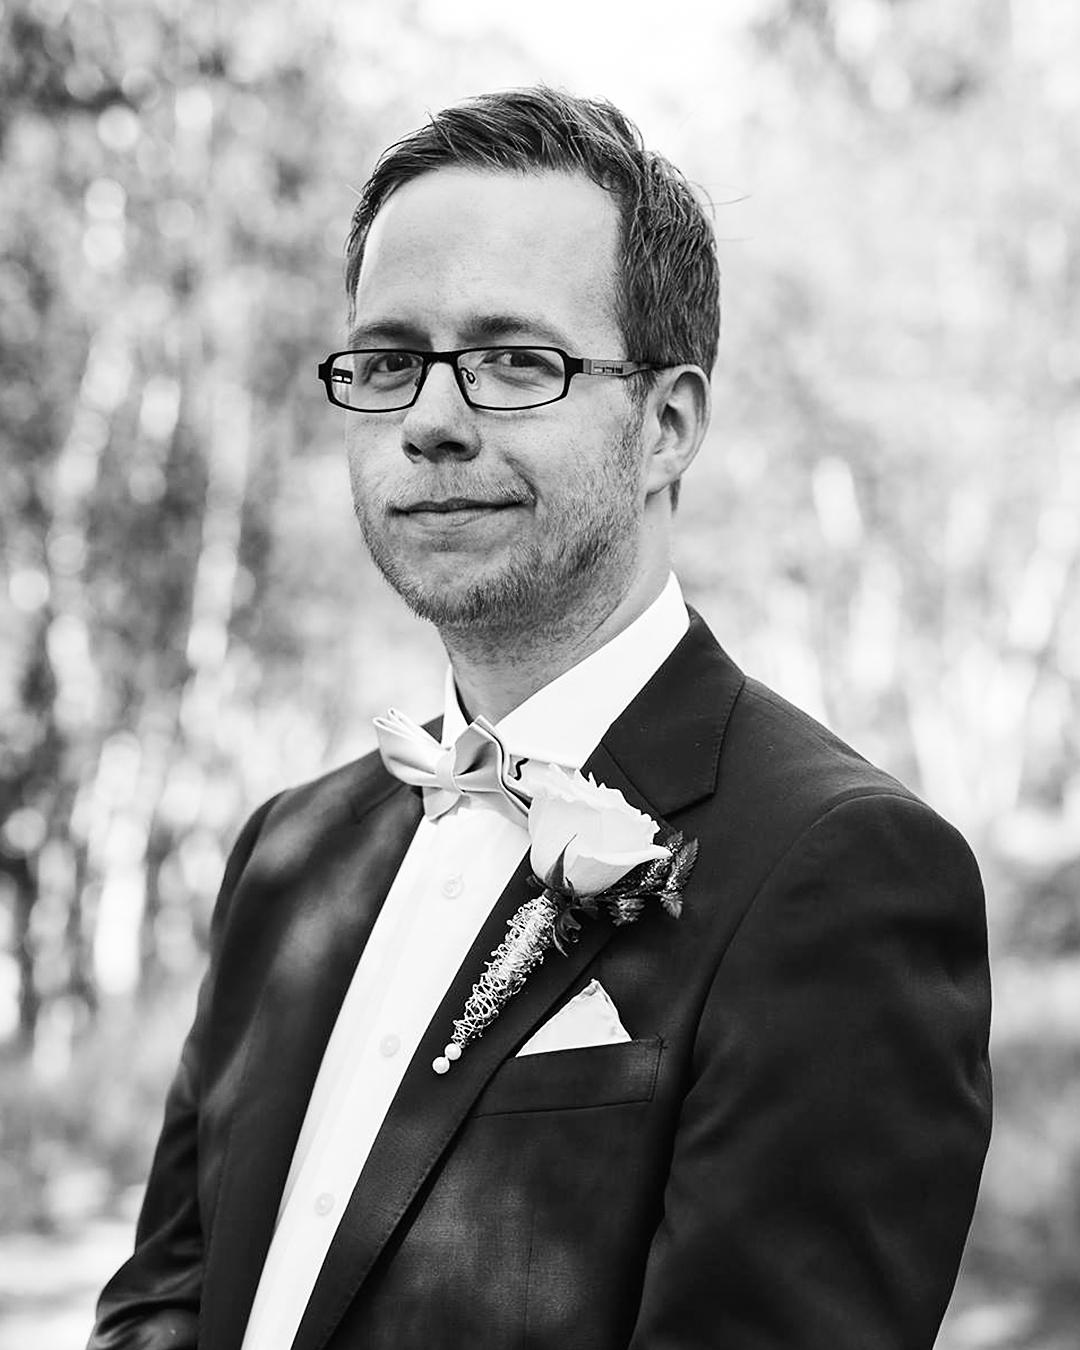 Steffen Ditløvsen